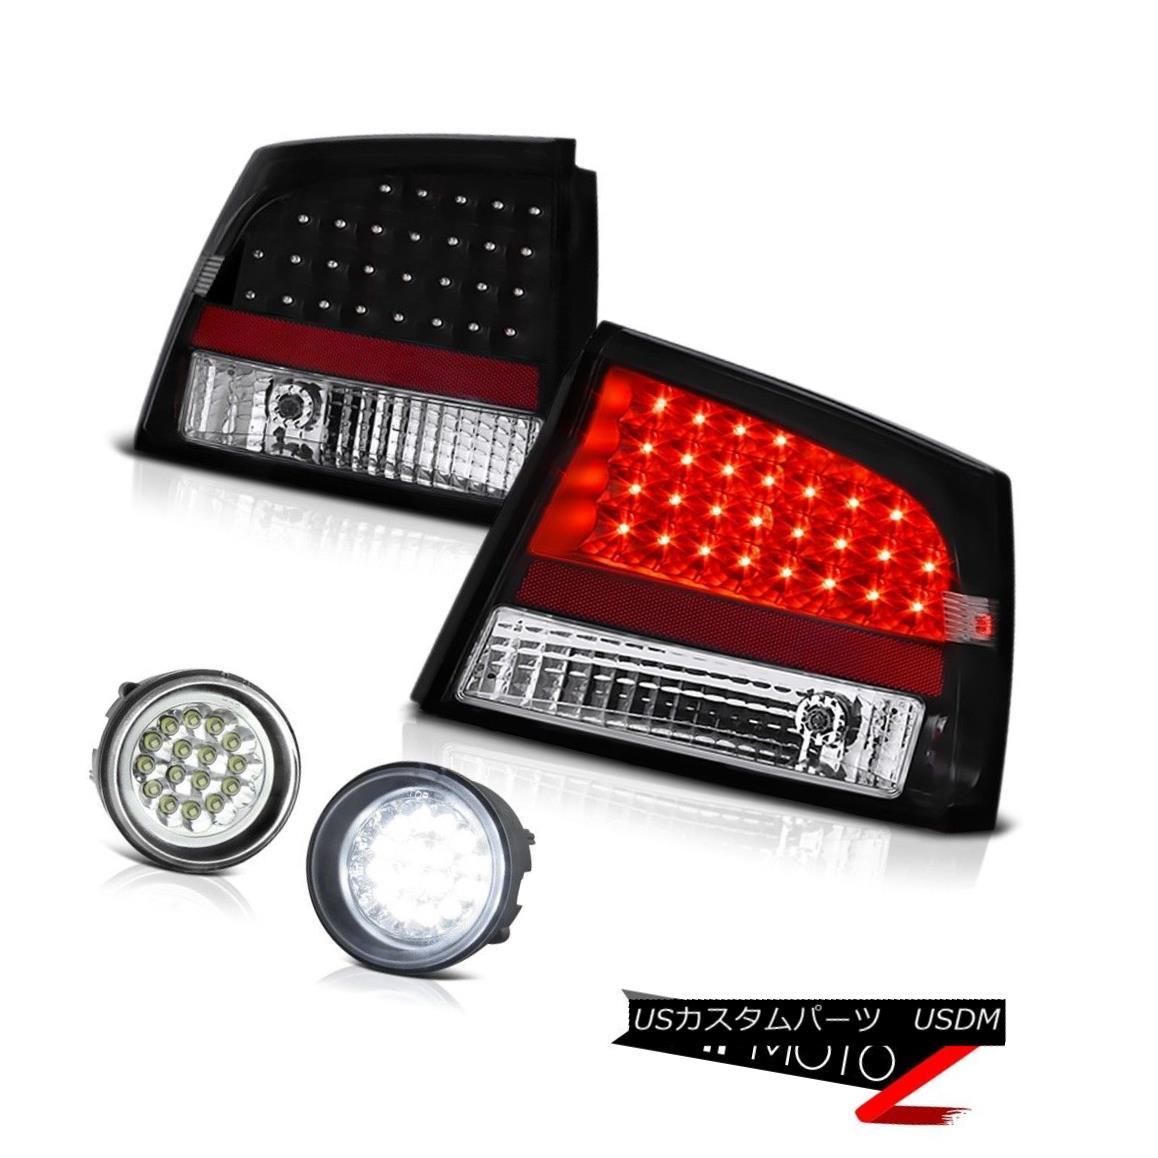 テールライト 2006-2008 Dodge Charger LED SMD Black Brake Tail Lights SMD Front Bumper Foglamp 2006-2008ダッジチャージャーLED SMDブラックブレーキテールライトSMDフロントバンパーフォグライト